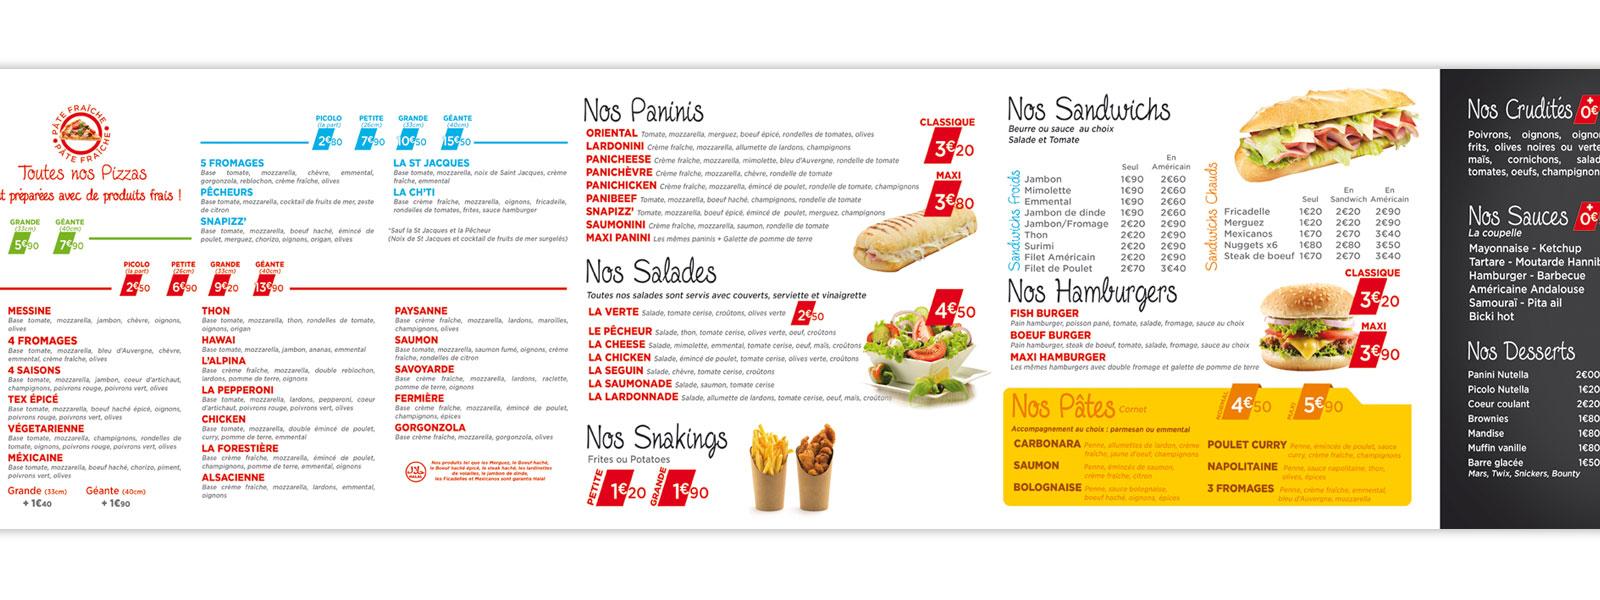 création graphique menu